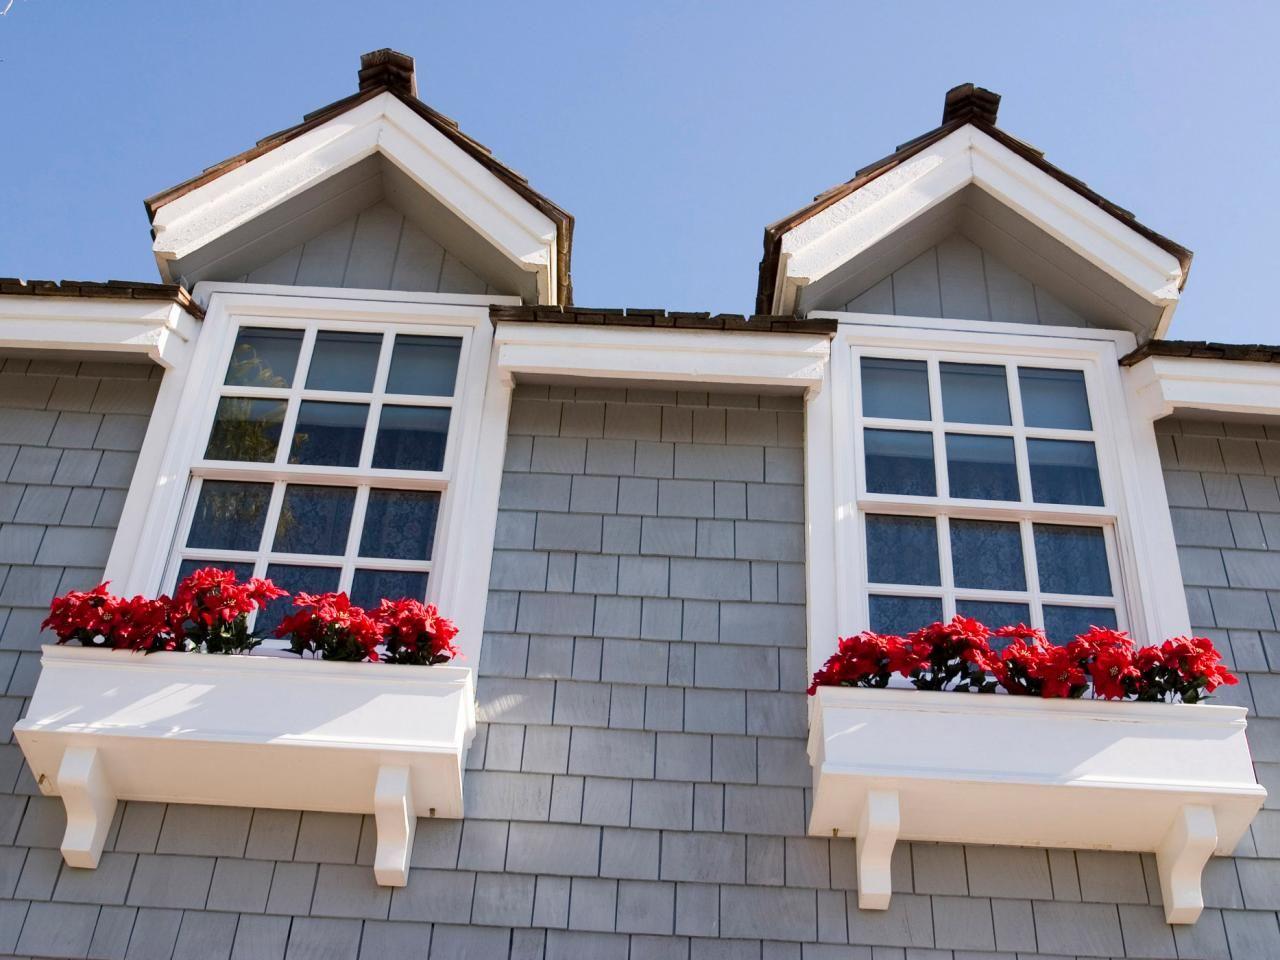 Cape Cod Style Homes Cape Cod Style House Cape Cod Style Cape Cod Window Box